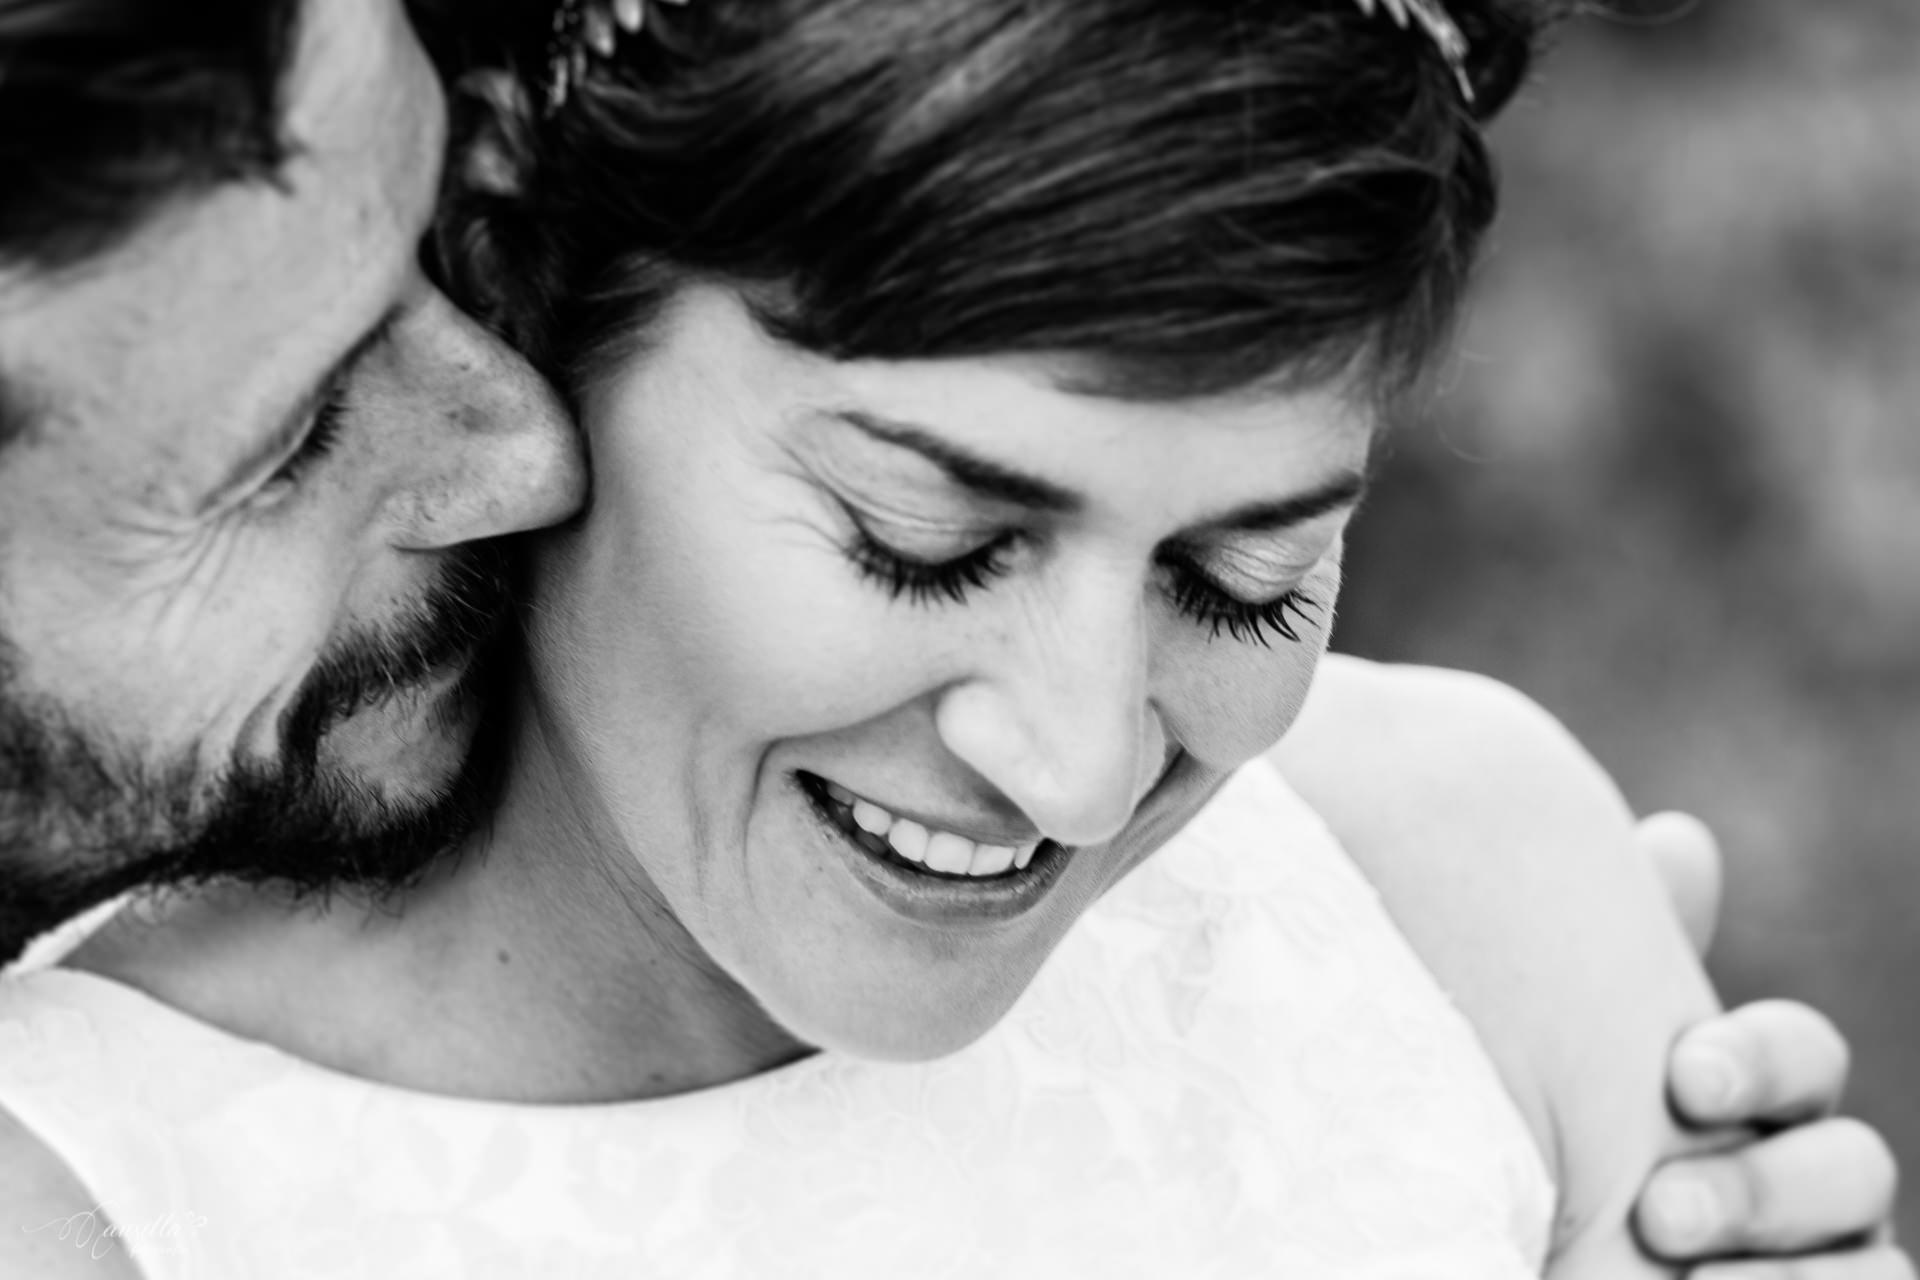 pareja novios abrazo beso blanco y negro